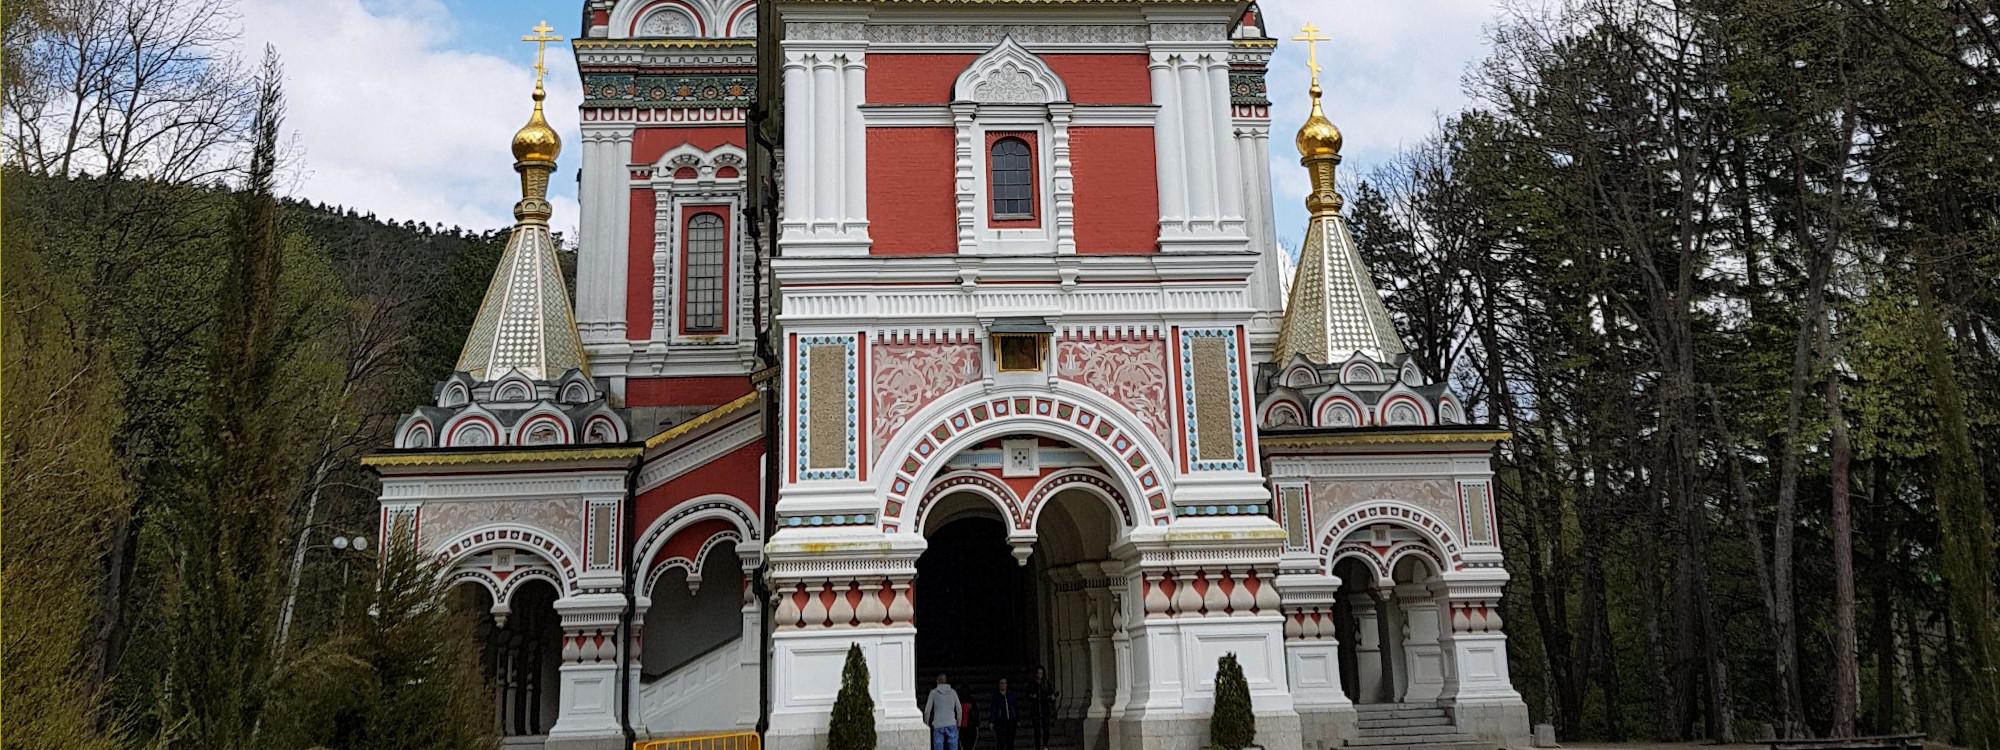 Shipka Church in Bulgaria